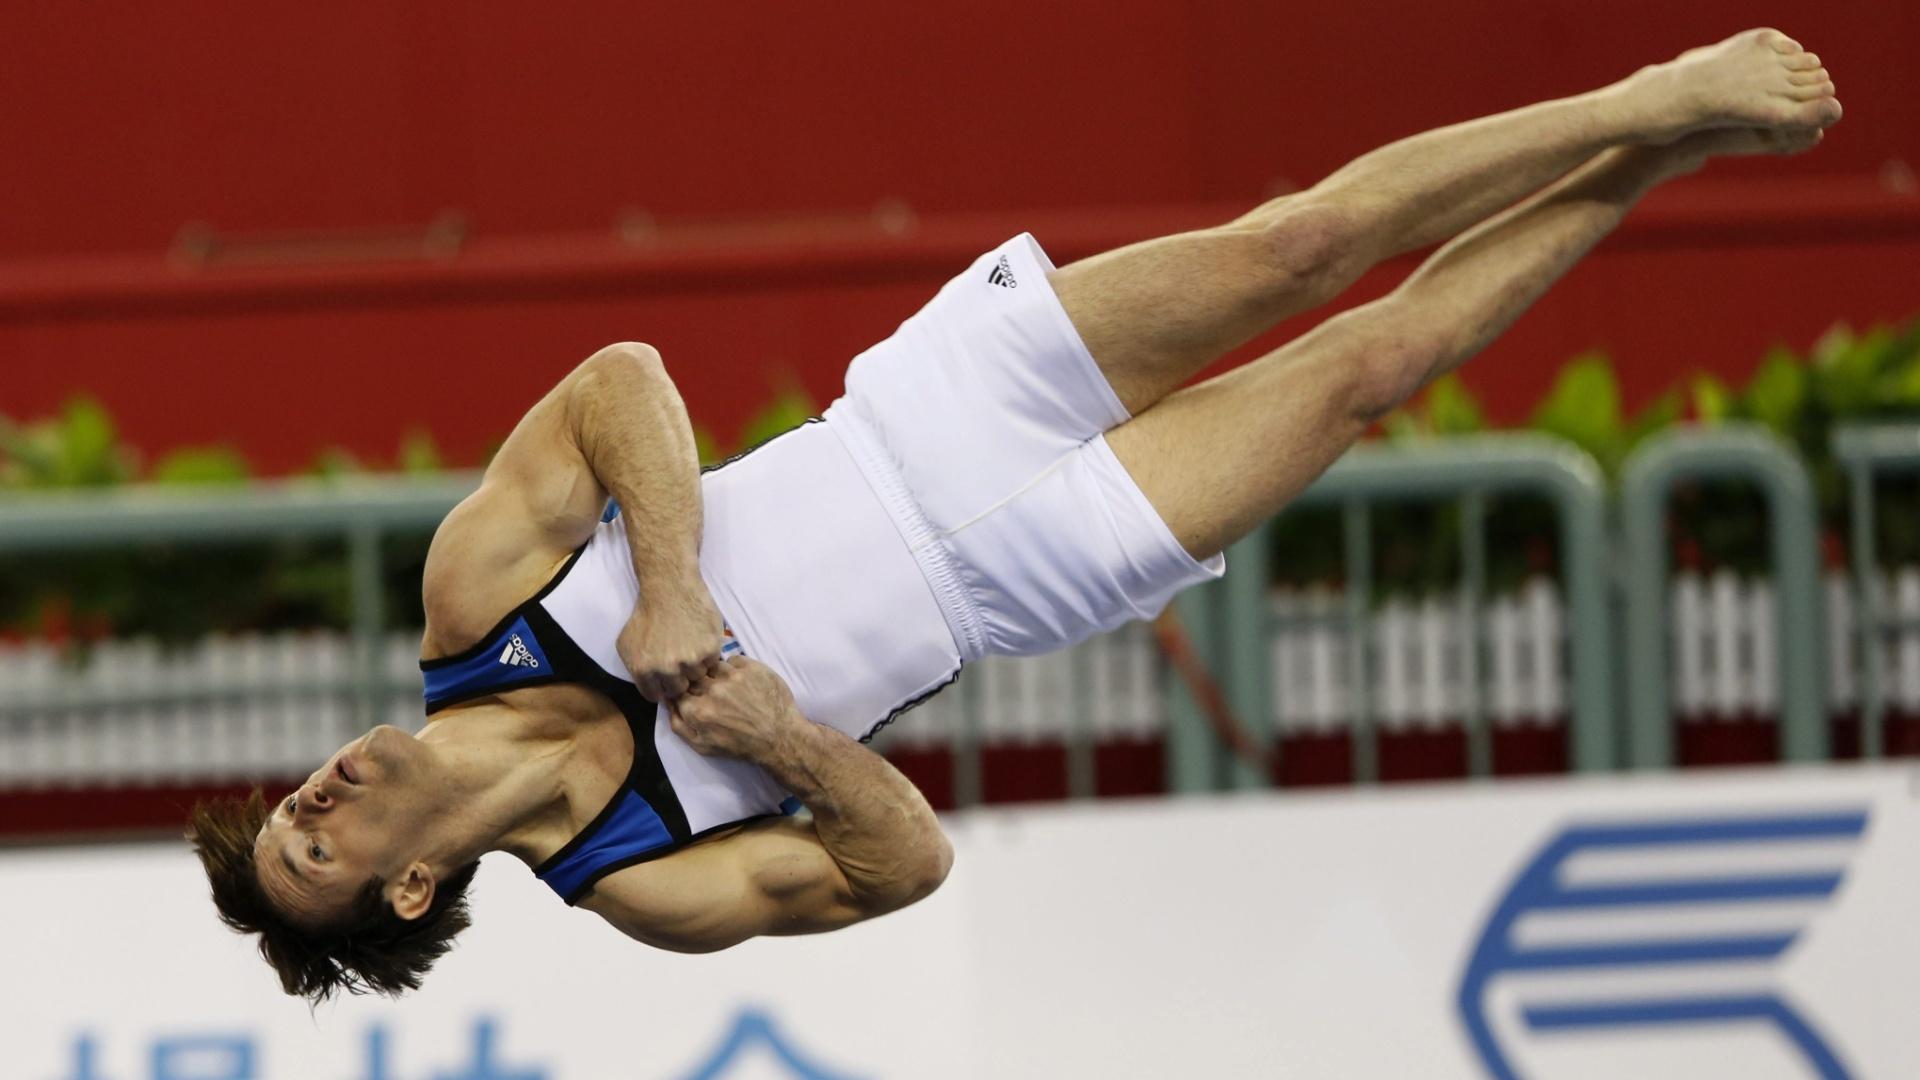 03. out. 2014 - Diego Hypolito se apresenta no solo, no Mundial de ginástica, na China